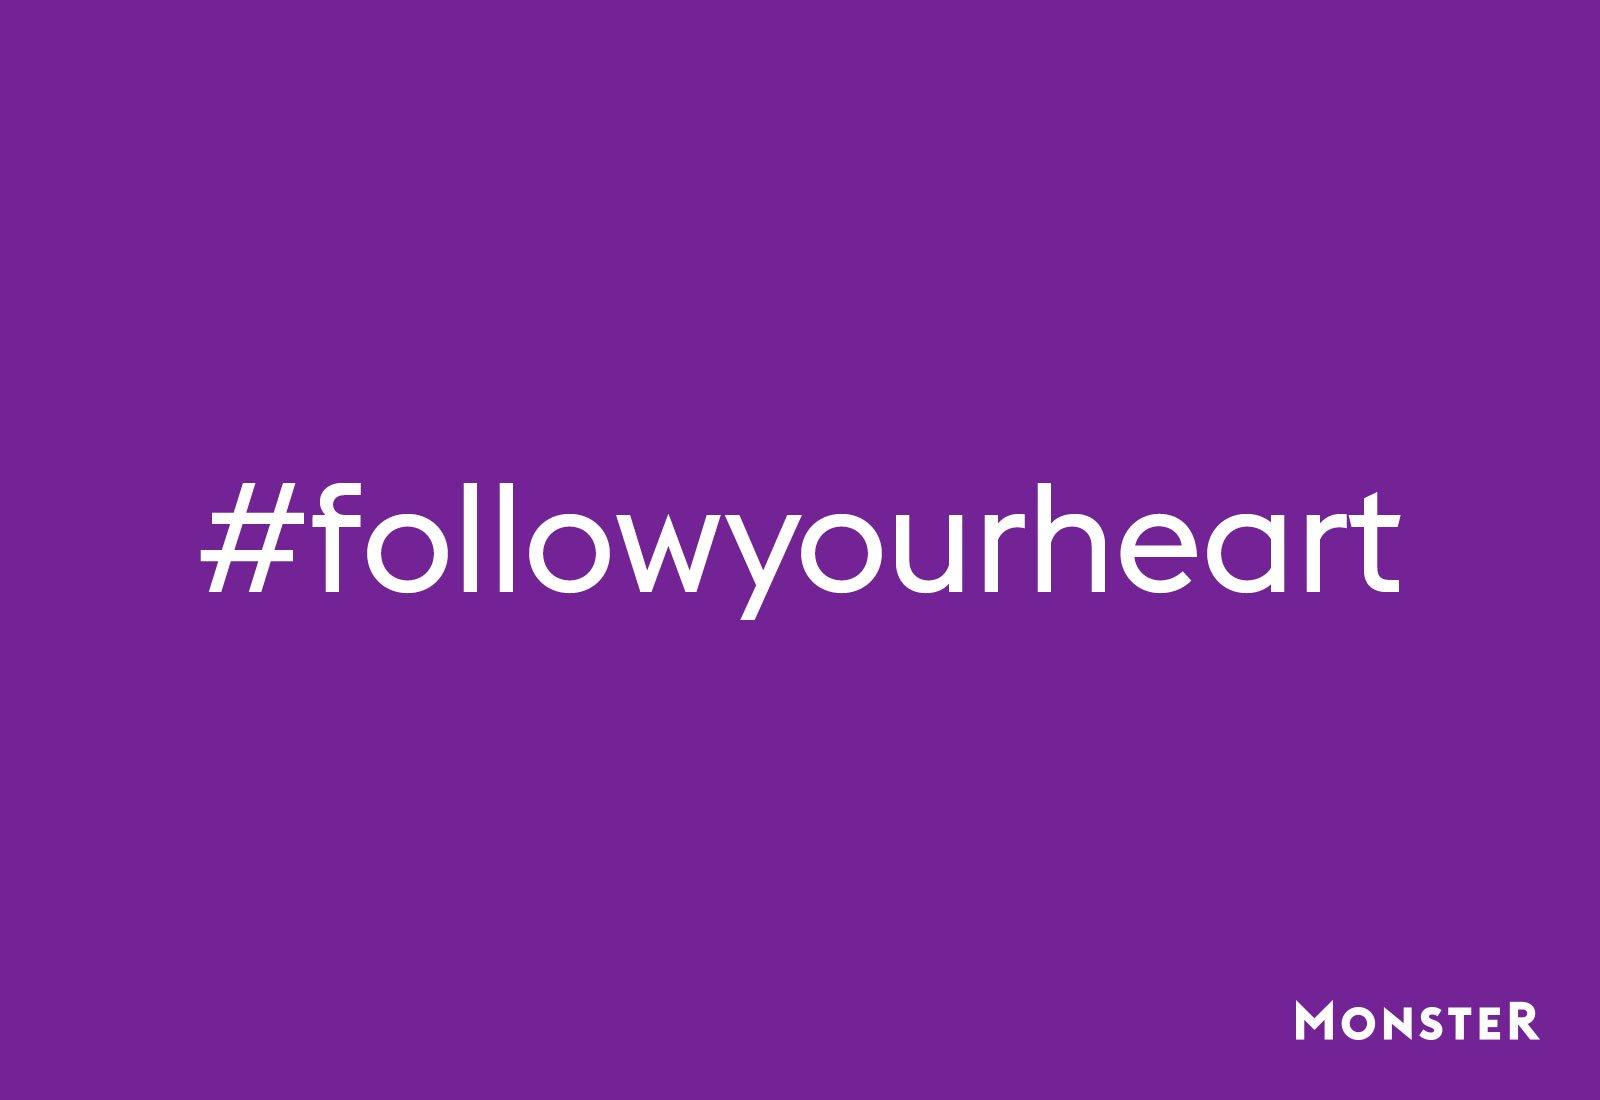 Beruflicher Neuanfang: Follow your heart! | Monster.de